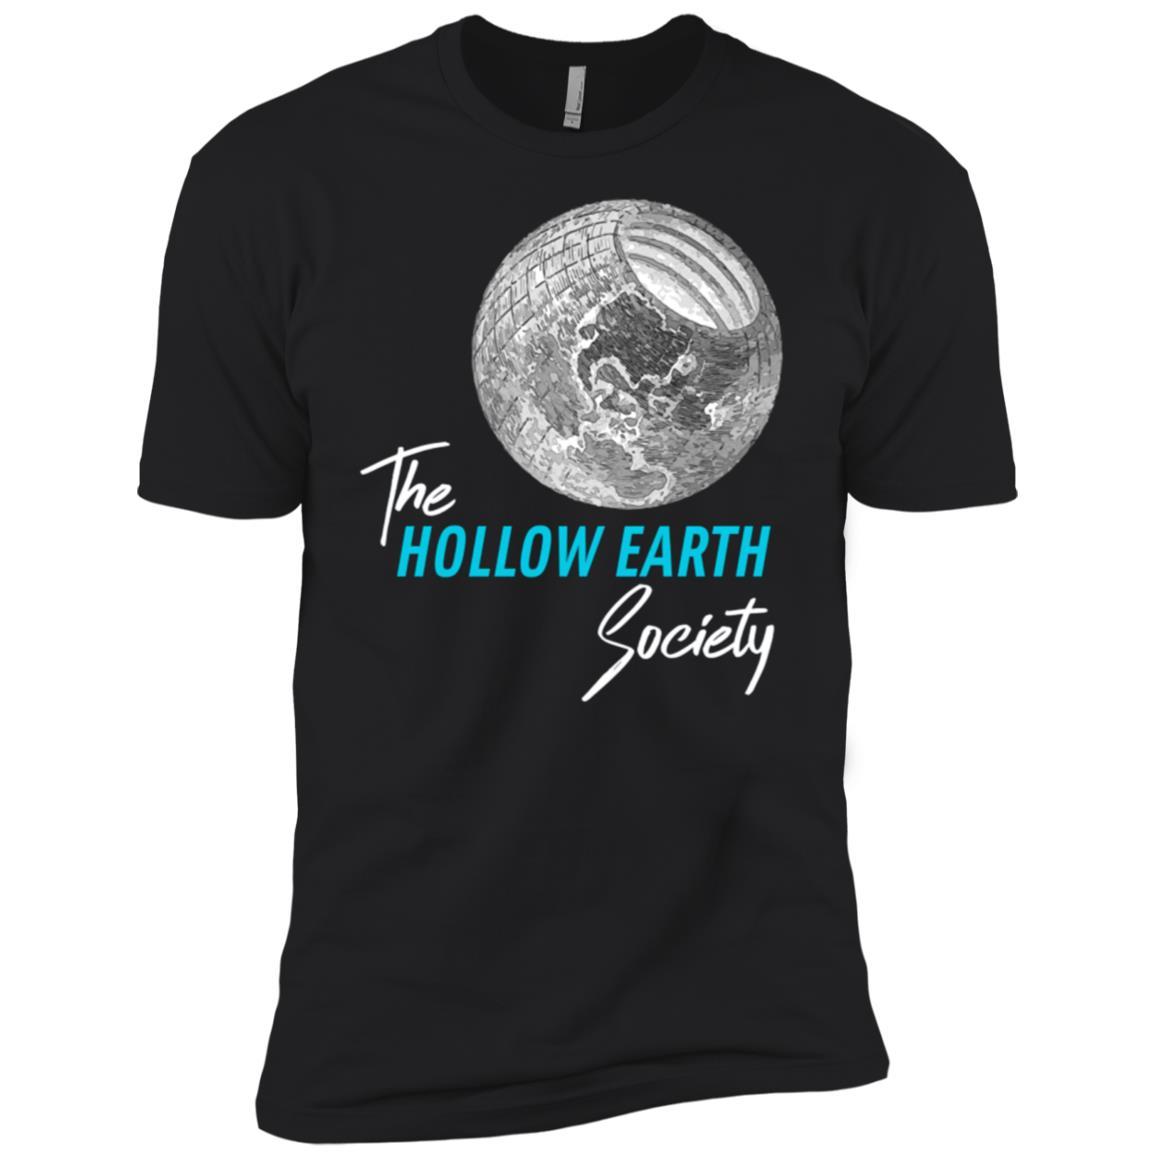 Hollow Earth Society Novelty Conspiracy Men Short Sleeve T-Shirt